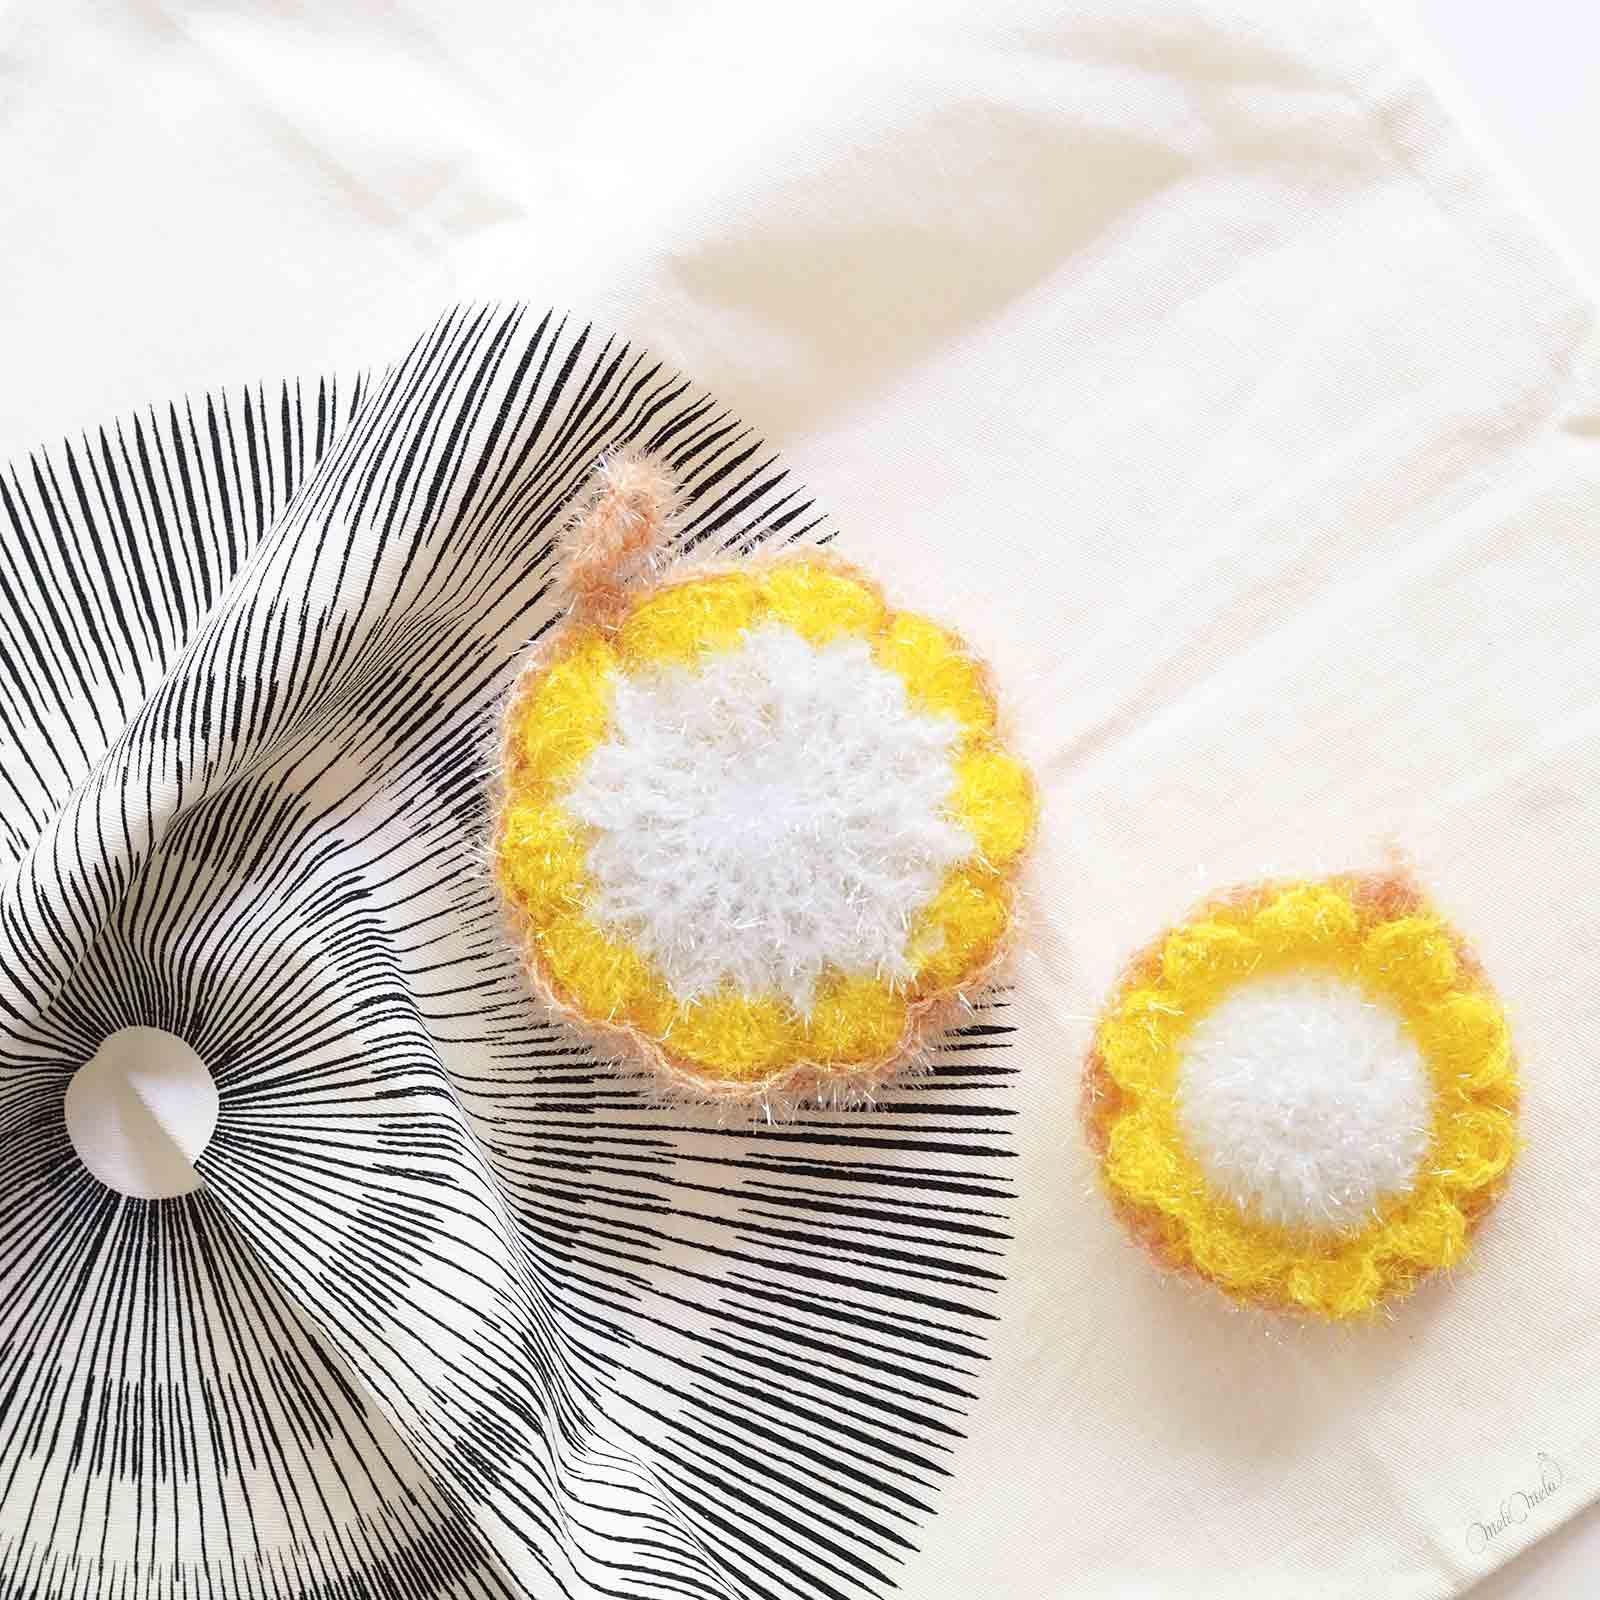 Éponges Tawashi pâquerettes taille Creative Bubble Rico Design homeware Jurianne Matter laboutiquedemelimelo